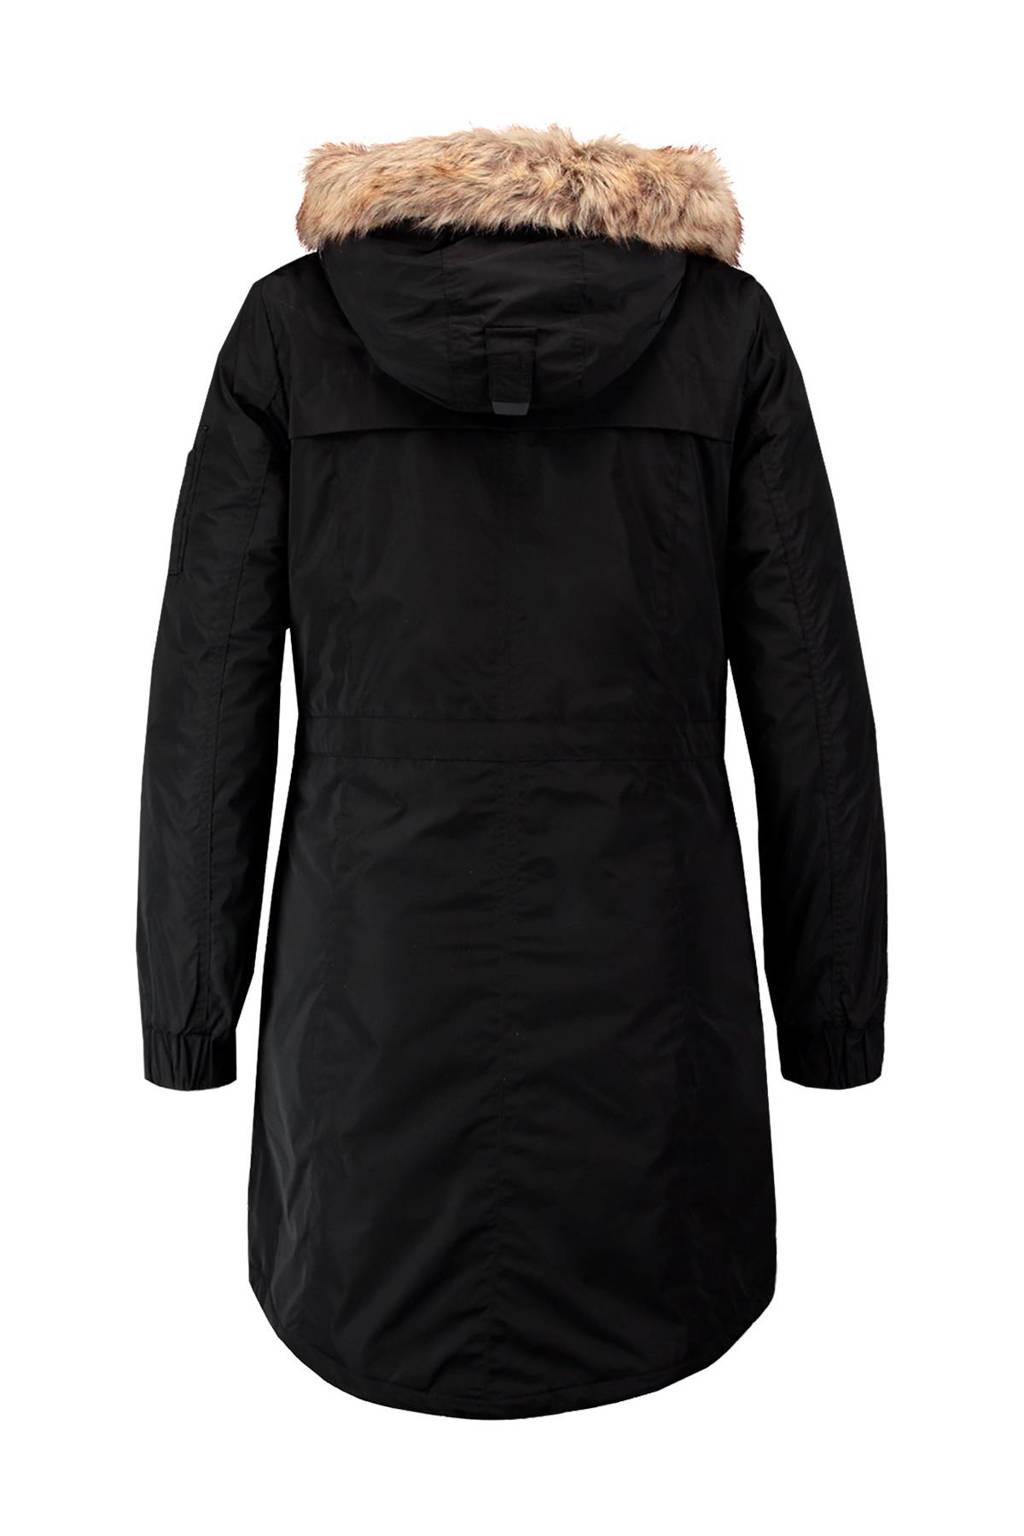 MS Mode parka, Zwart